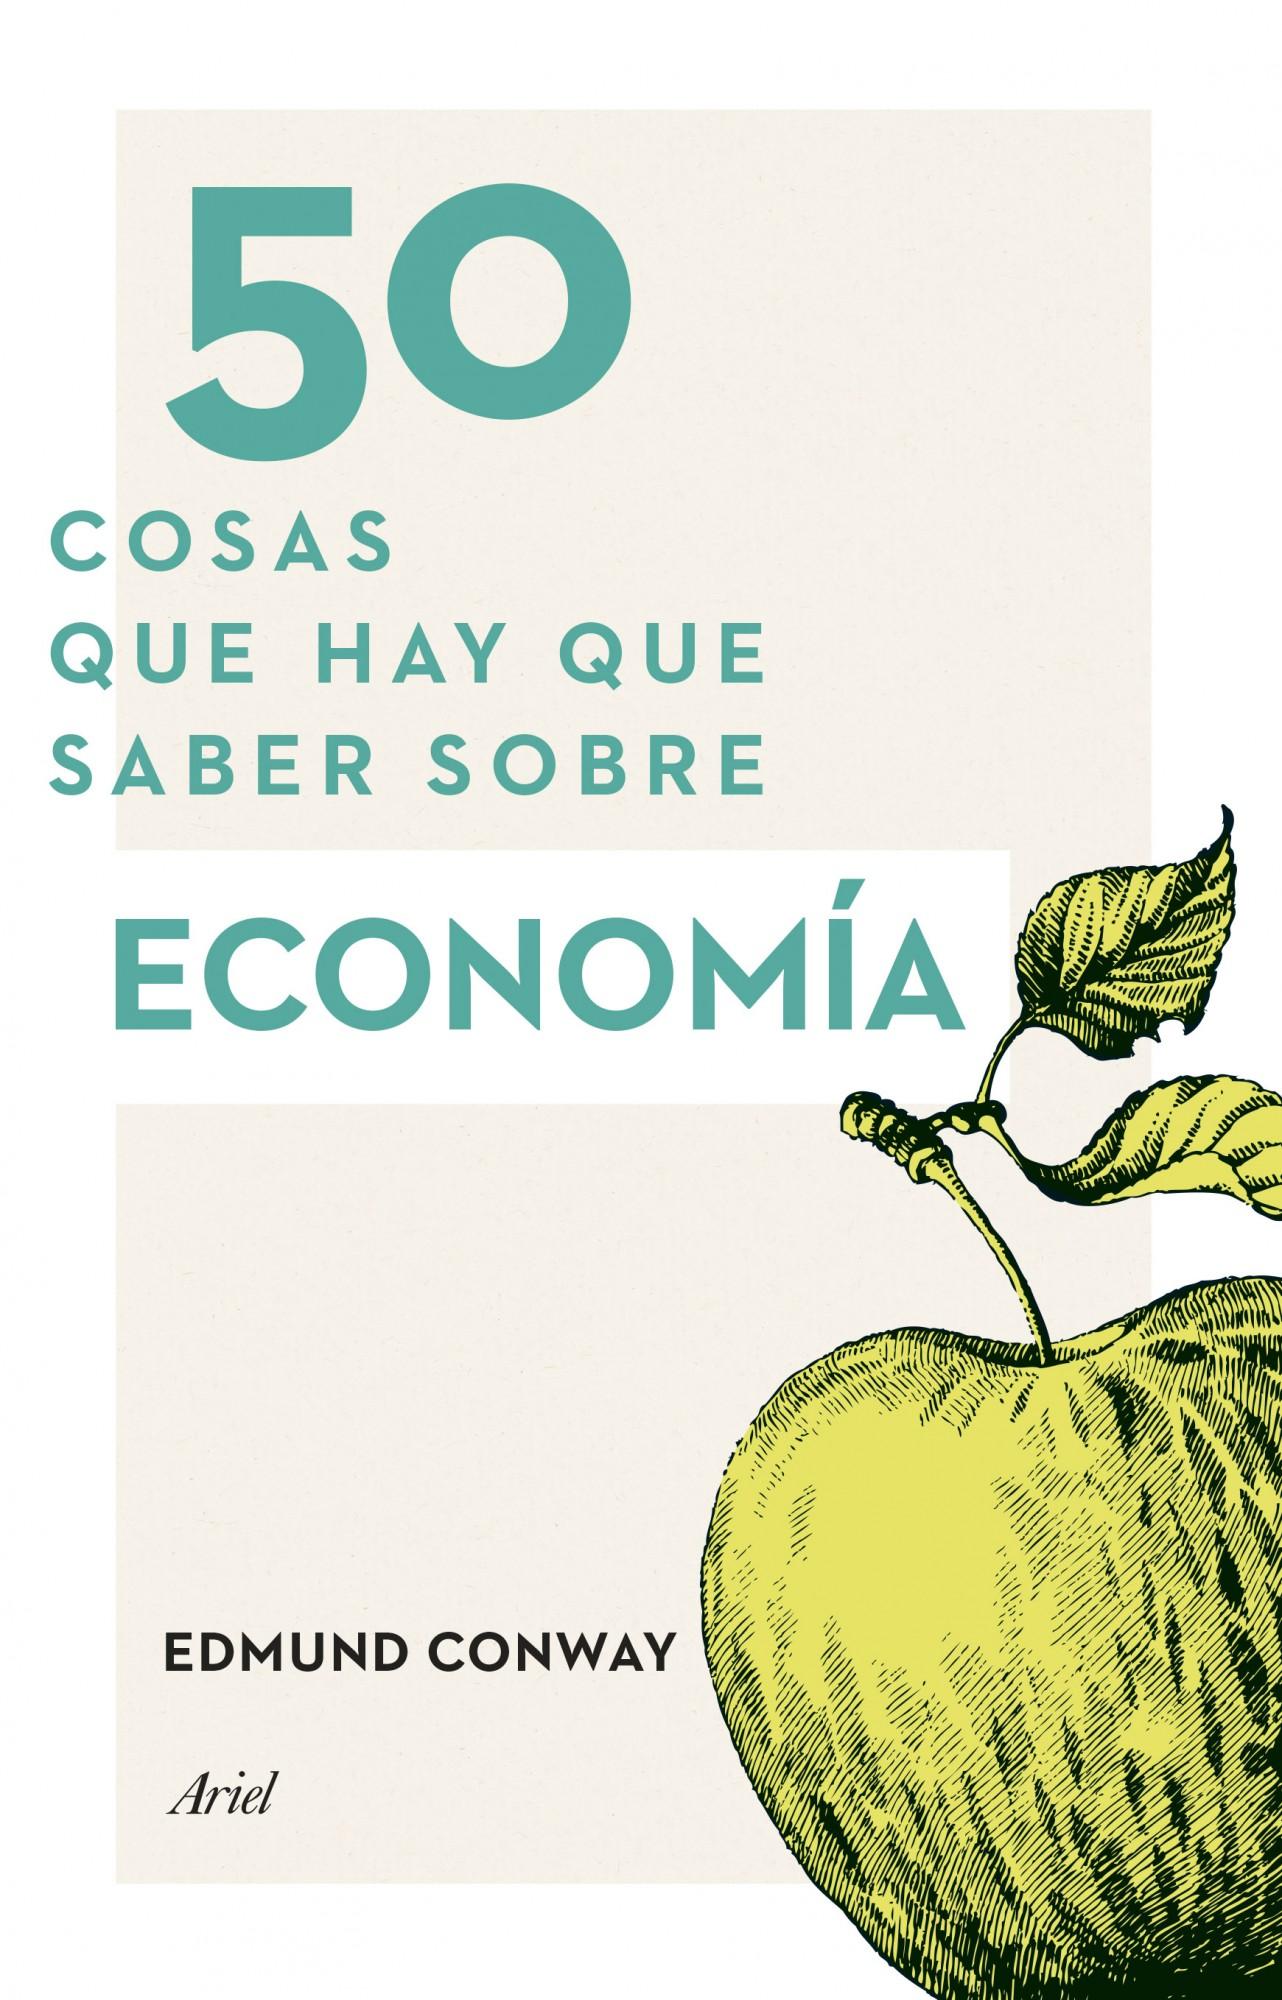 50 cosas que hay que saber sobre economia-edmund conway-9788434414914